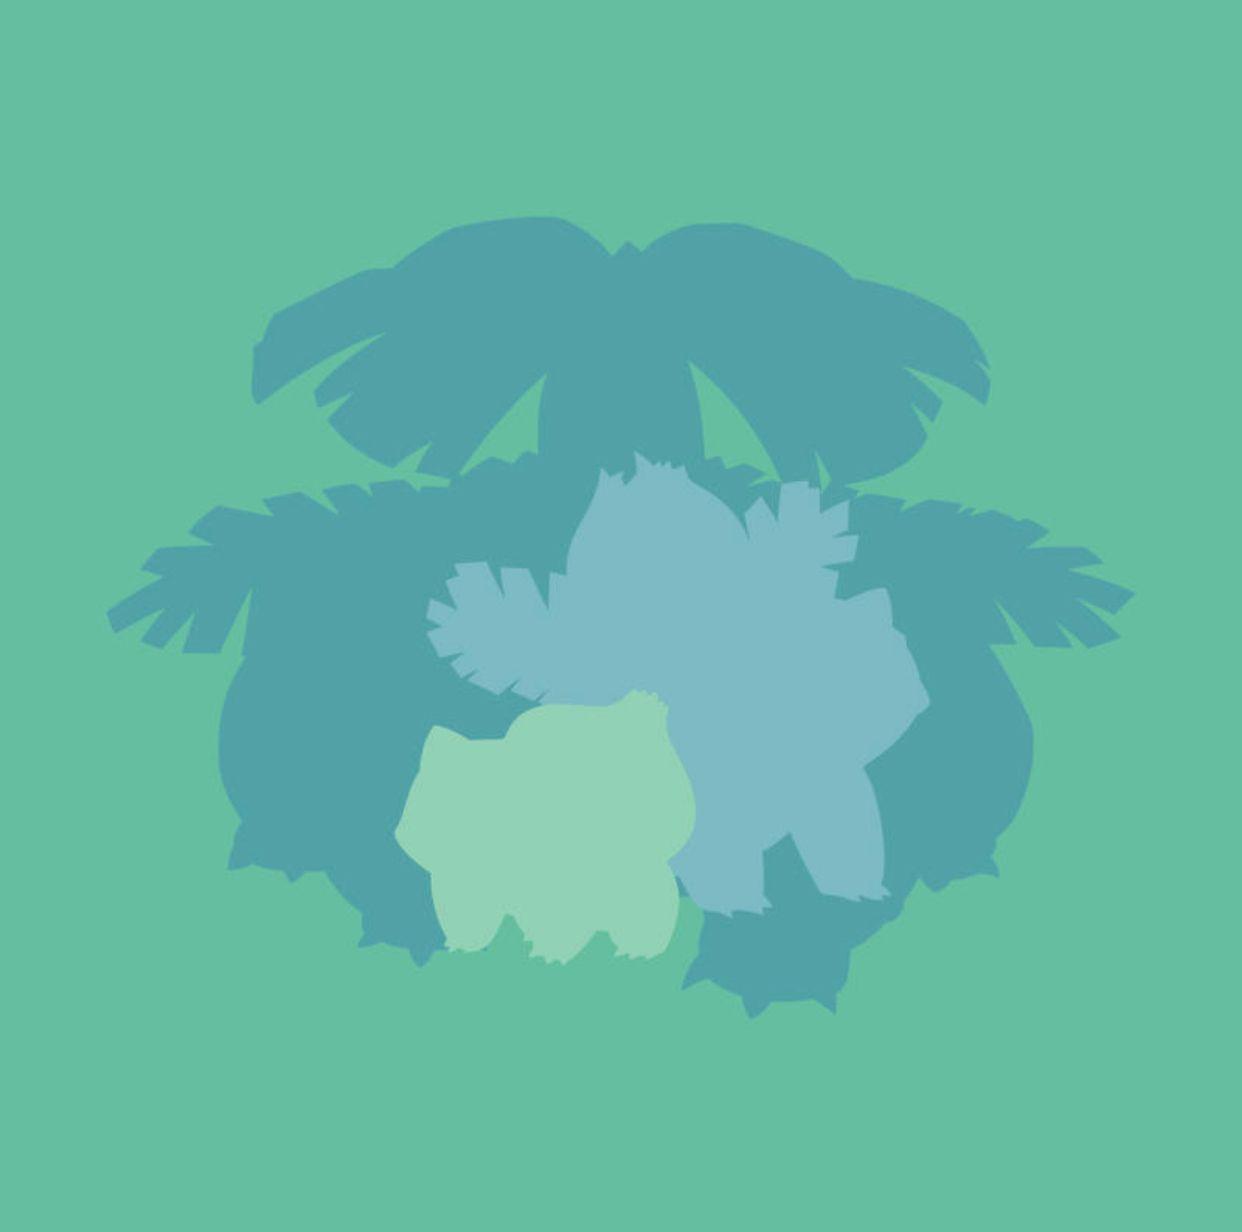 Bulbasaur - Ivysaur - Venusaur By ncoll36